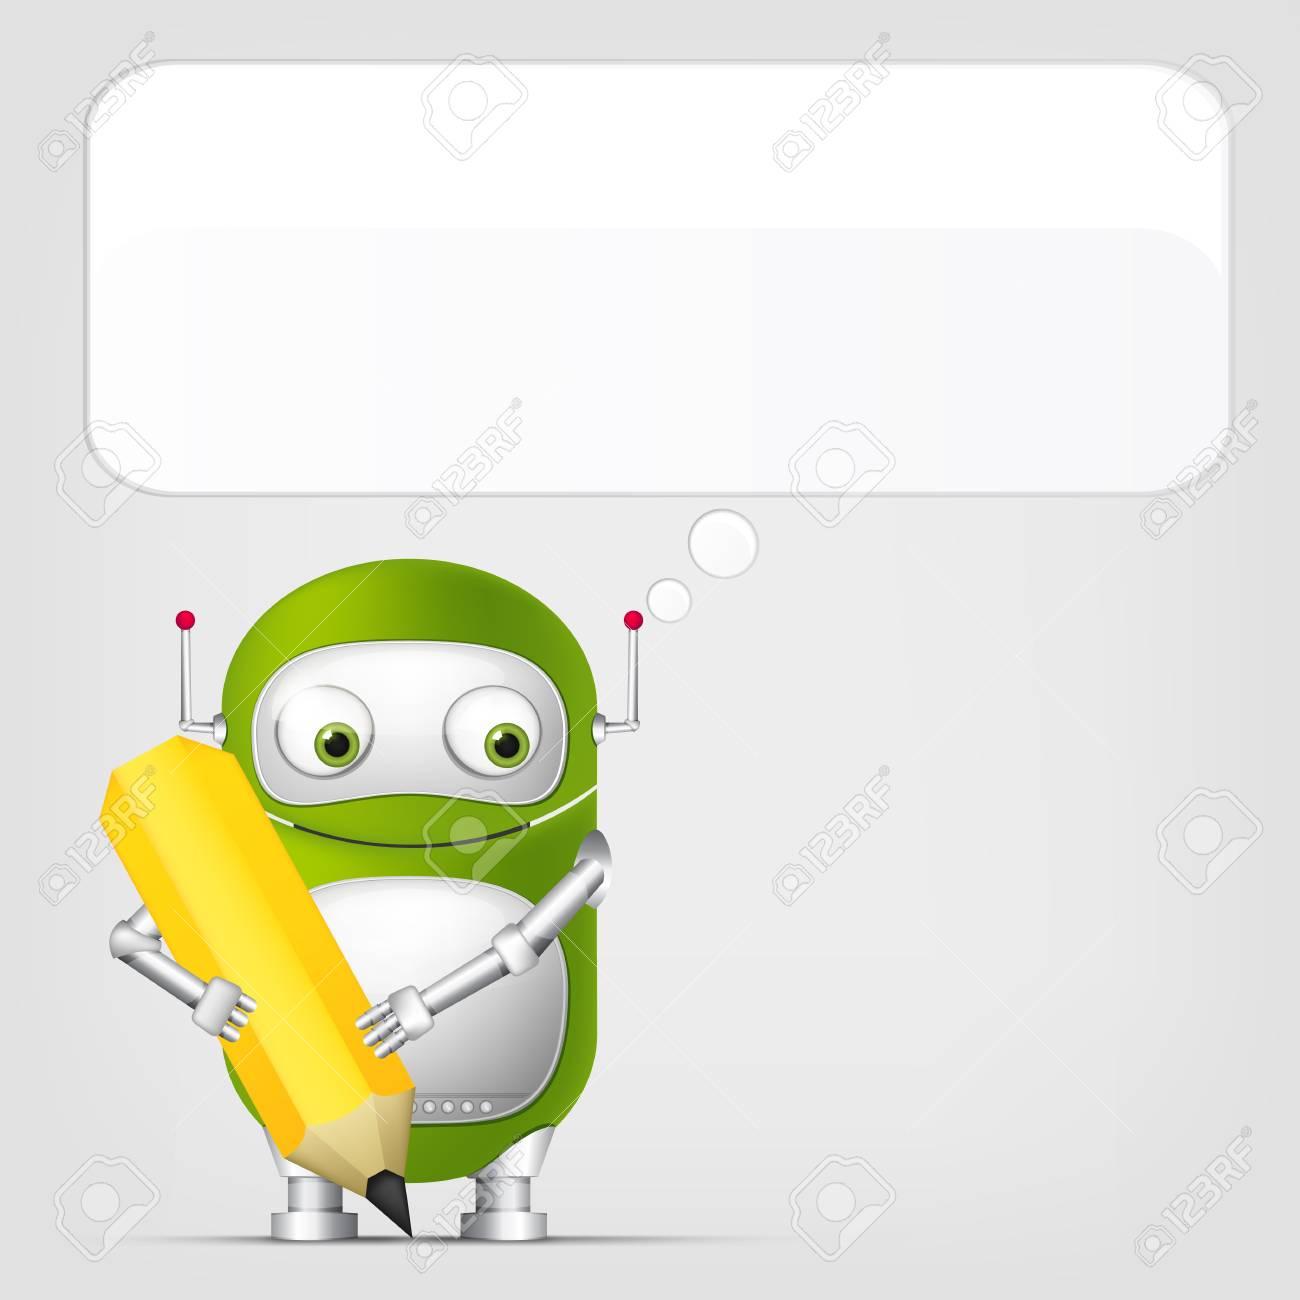 Cute Robot Stock Vector - 18725312